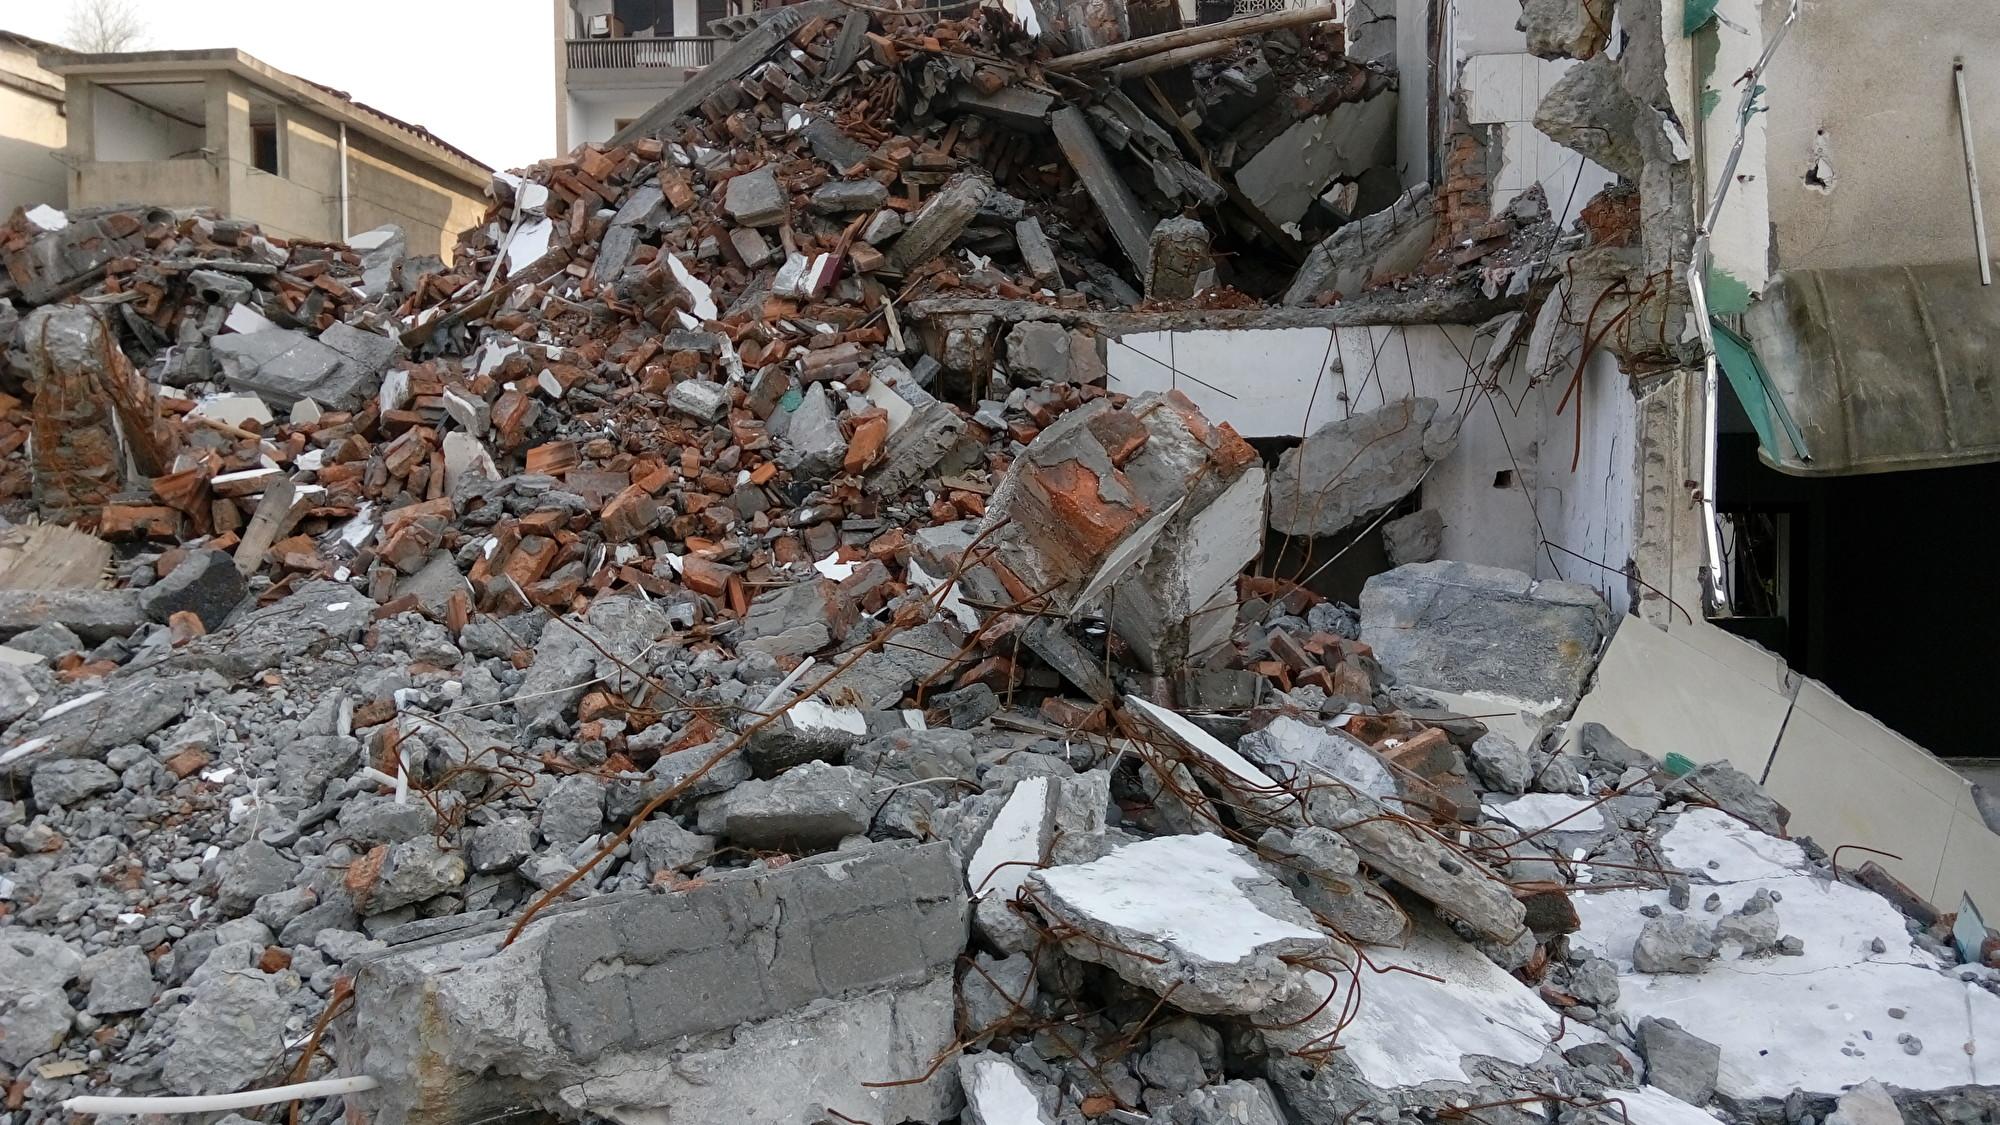 中共湖南省常德市政府對當地武陵區的一塊地進行非法徵收。僱用黑社會成員破壞住宅區基礎設施,甚至撬門入室、打砸私人財產,以逼迫住戶搬離。圖為民居被強拆後的廢墟。(受訪者提供)